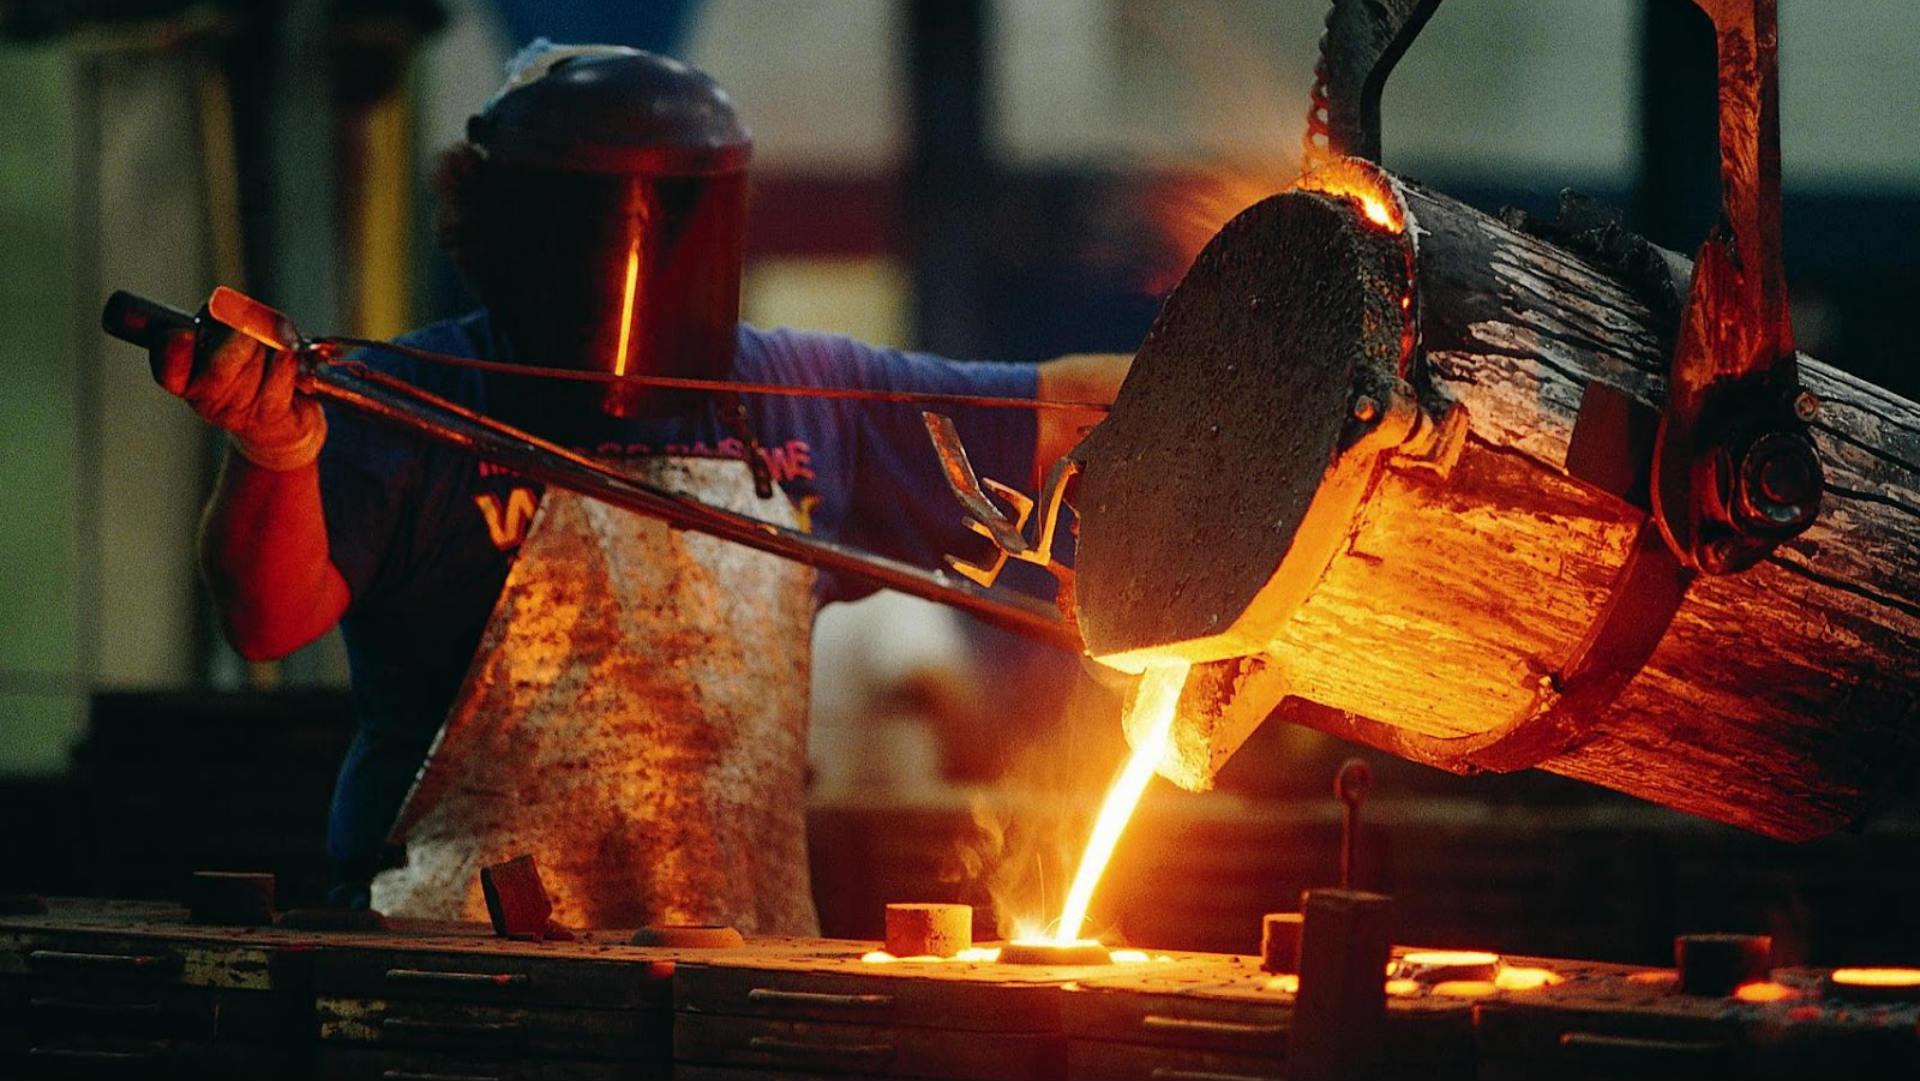 siderurgia-fabrica-pbi-economia-crecimiento